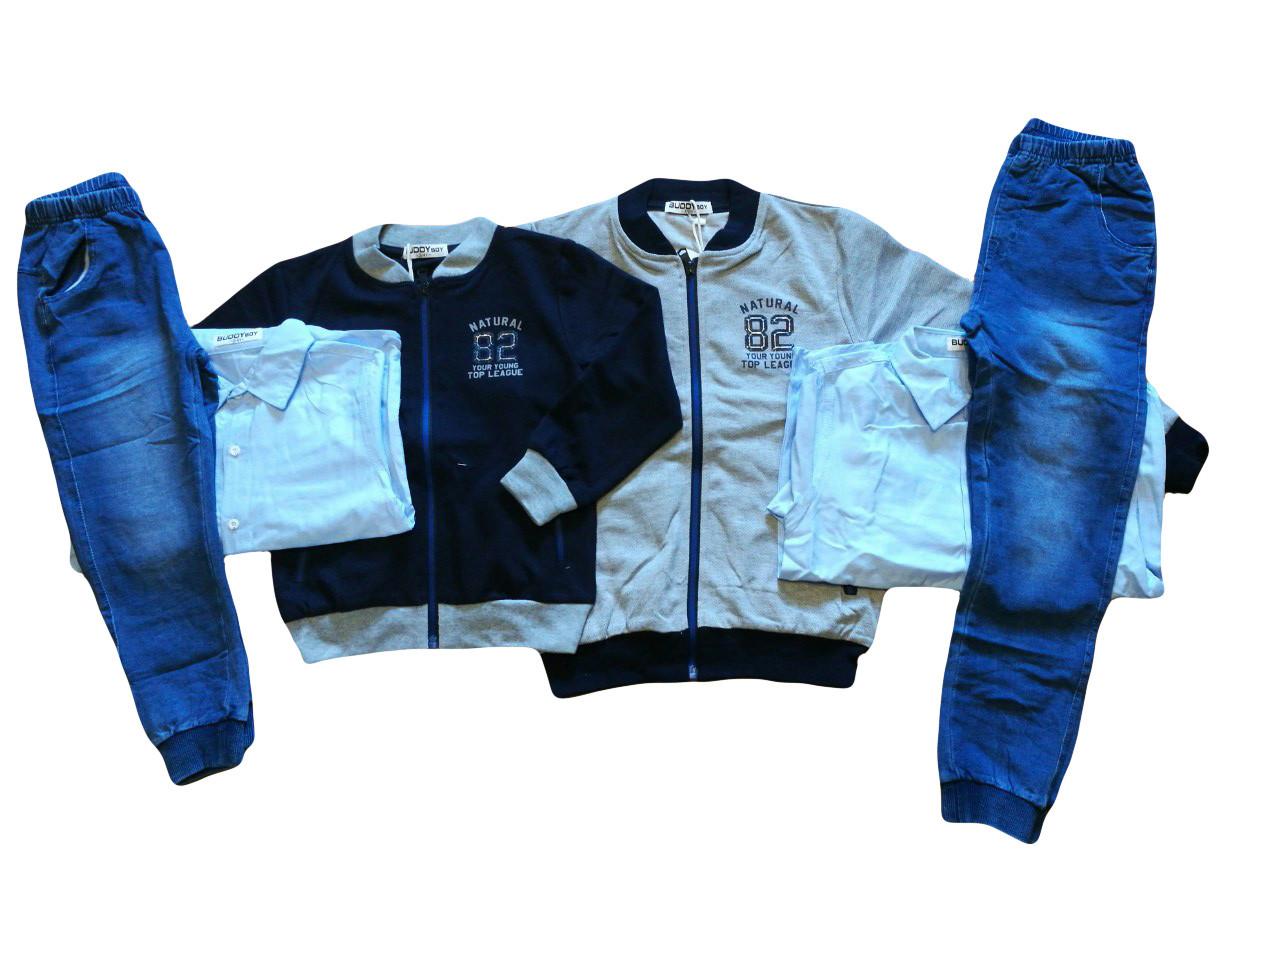 Трикотажные  костюмы-тройка для мальчиков оптом, Buddy Boy, размеры 3/4-7/8  арт. 5575